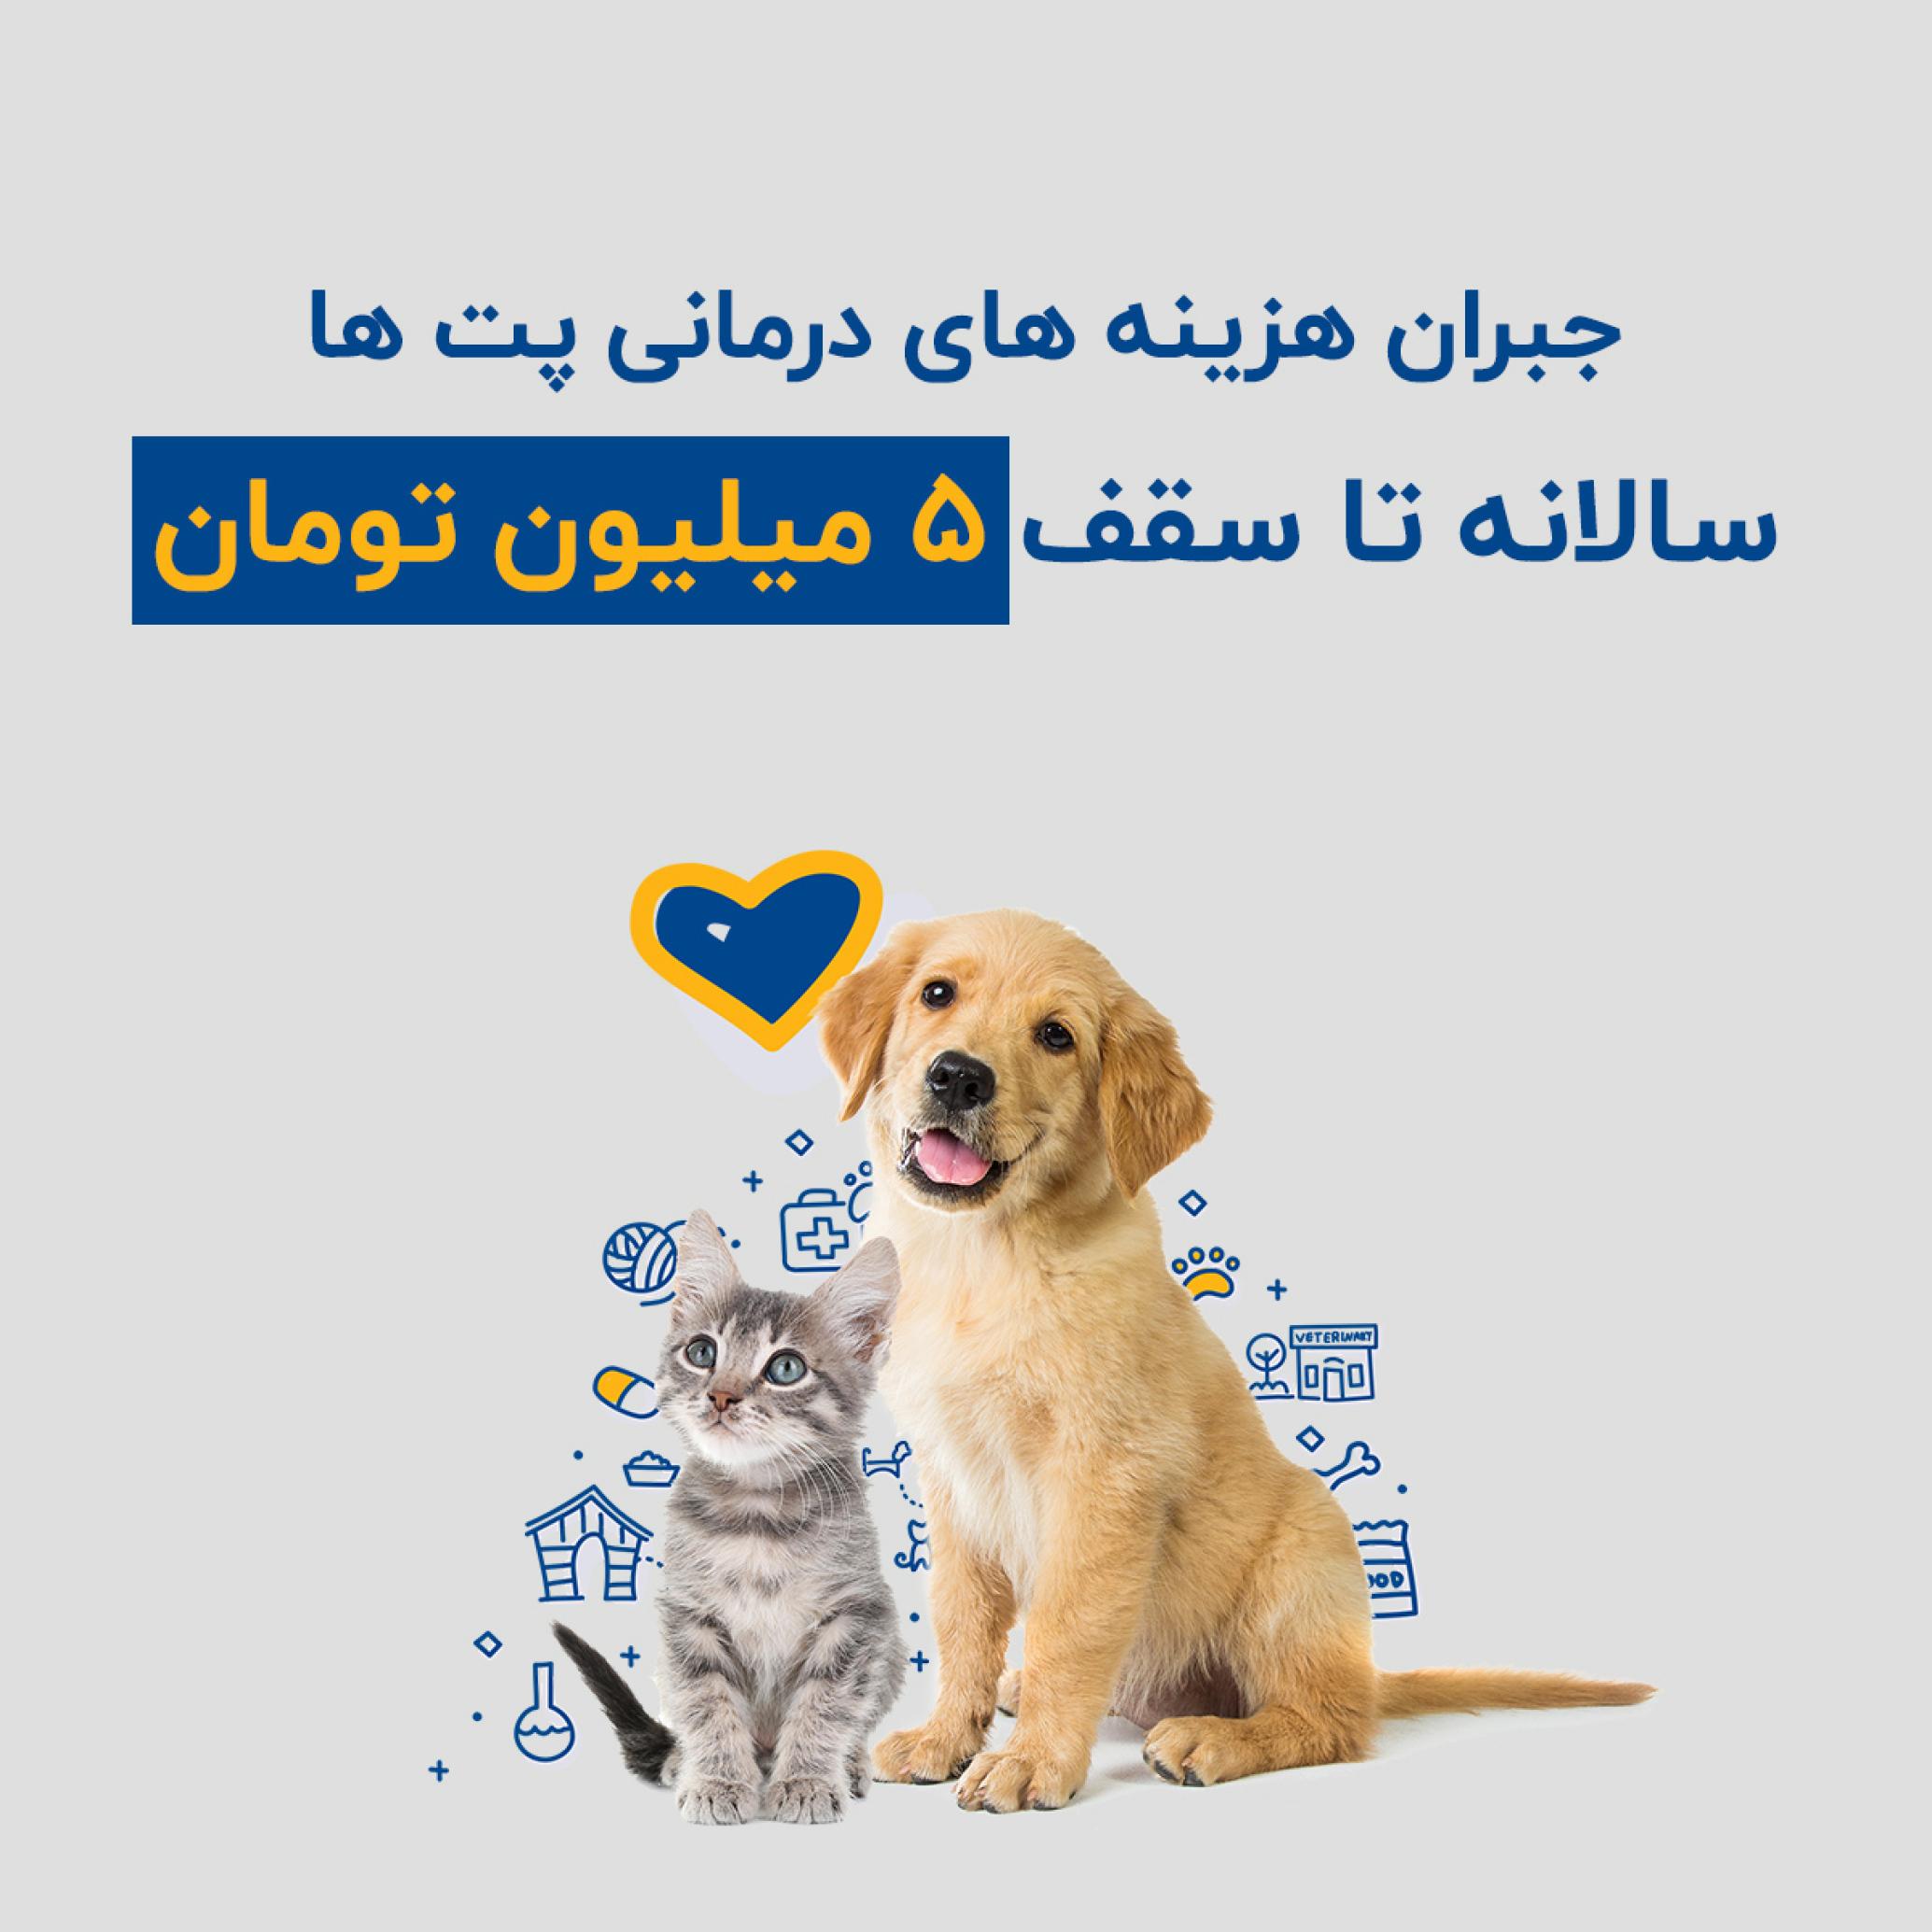 تبلیغاتی بیمه یکساله درمان حیوانات خانگی سامان